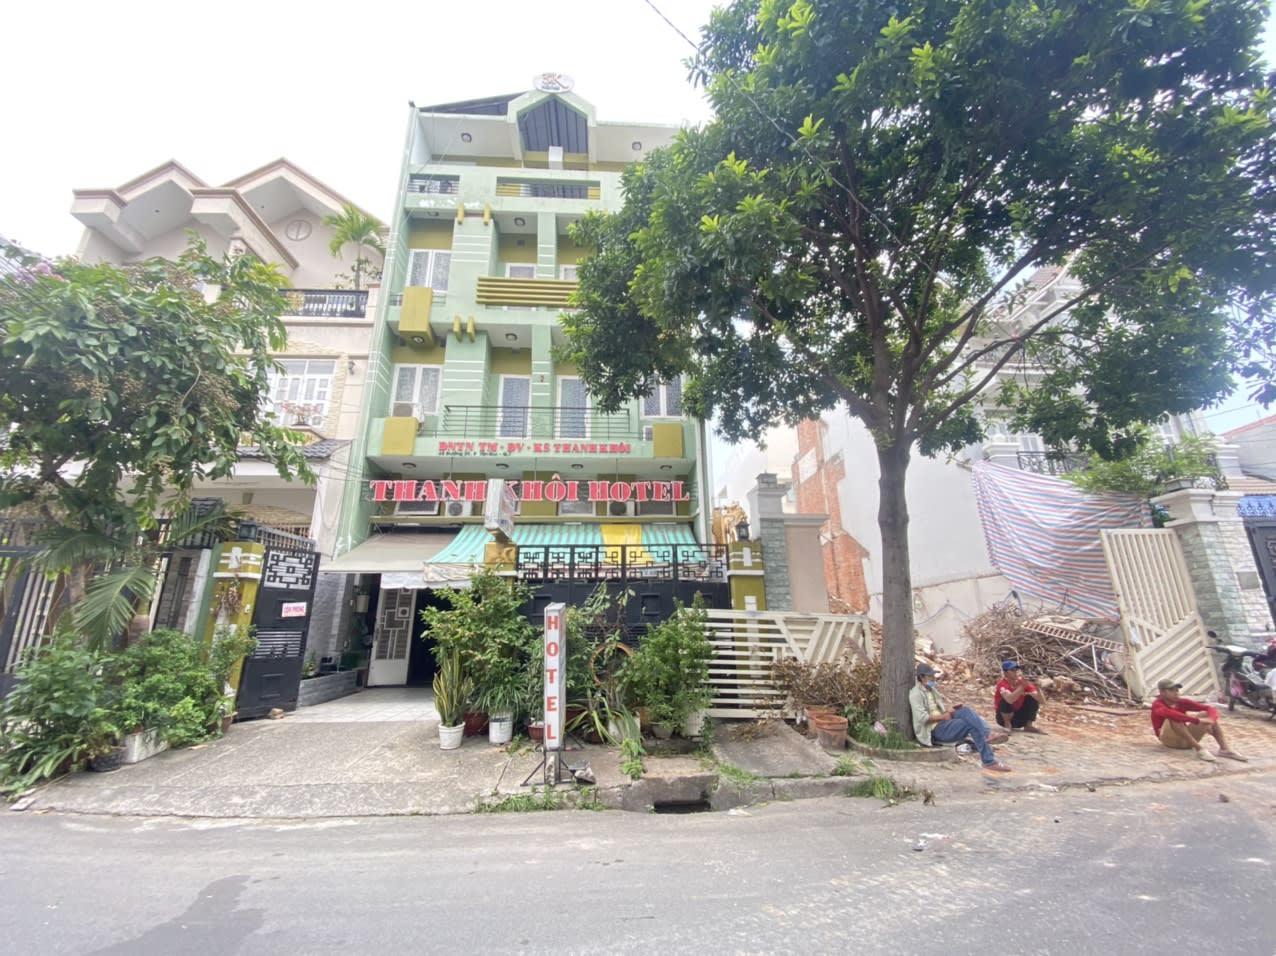 Bán Khách Sạn Khu Tân Quy Quận 7, DT 7.8x19m 140m2 14 Phòng – Giá 25 Tỷ